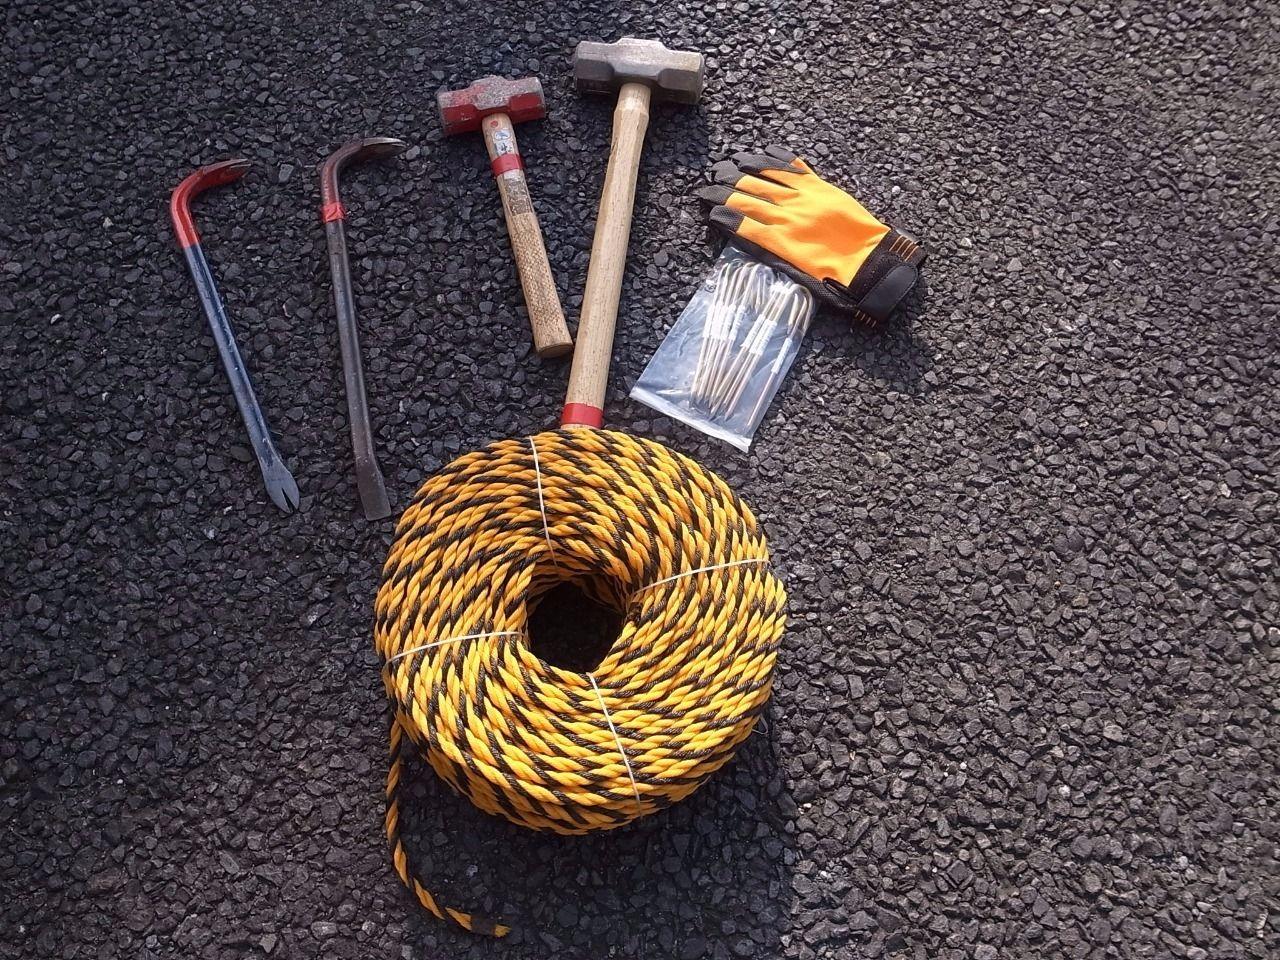 ロープ張り替え作業に必要な道具です!